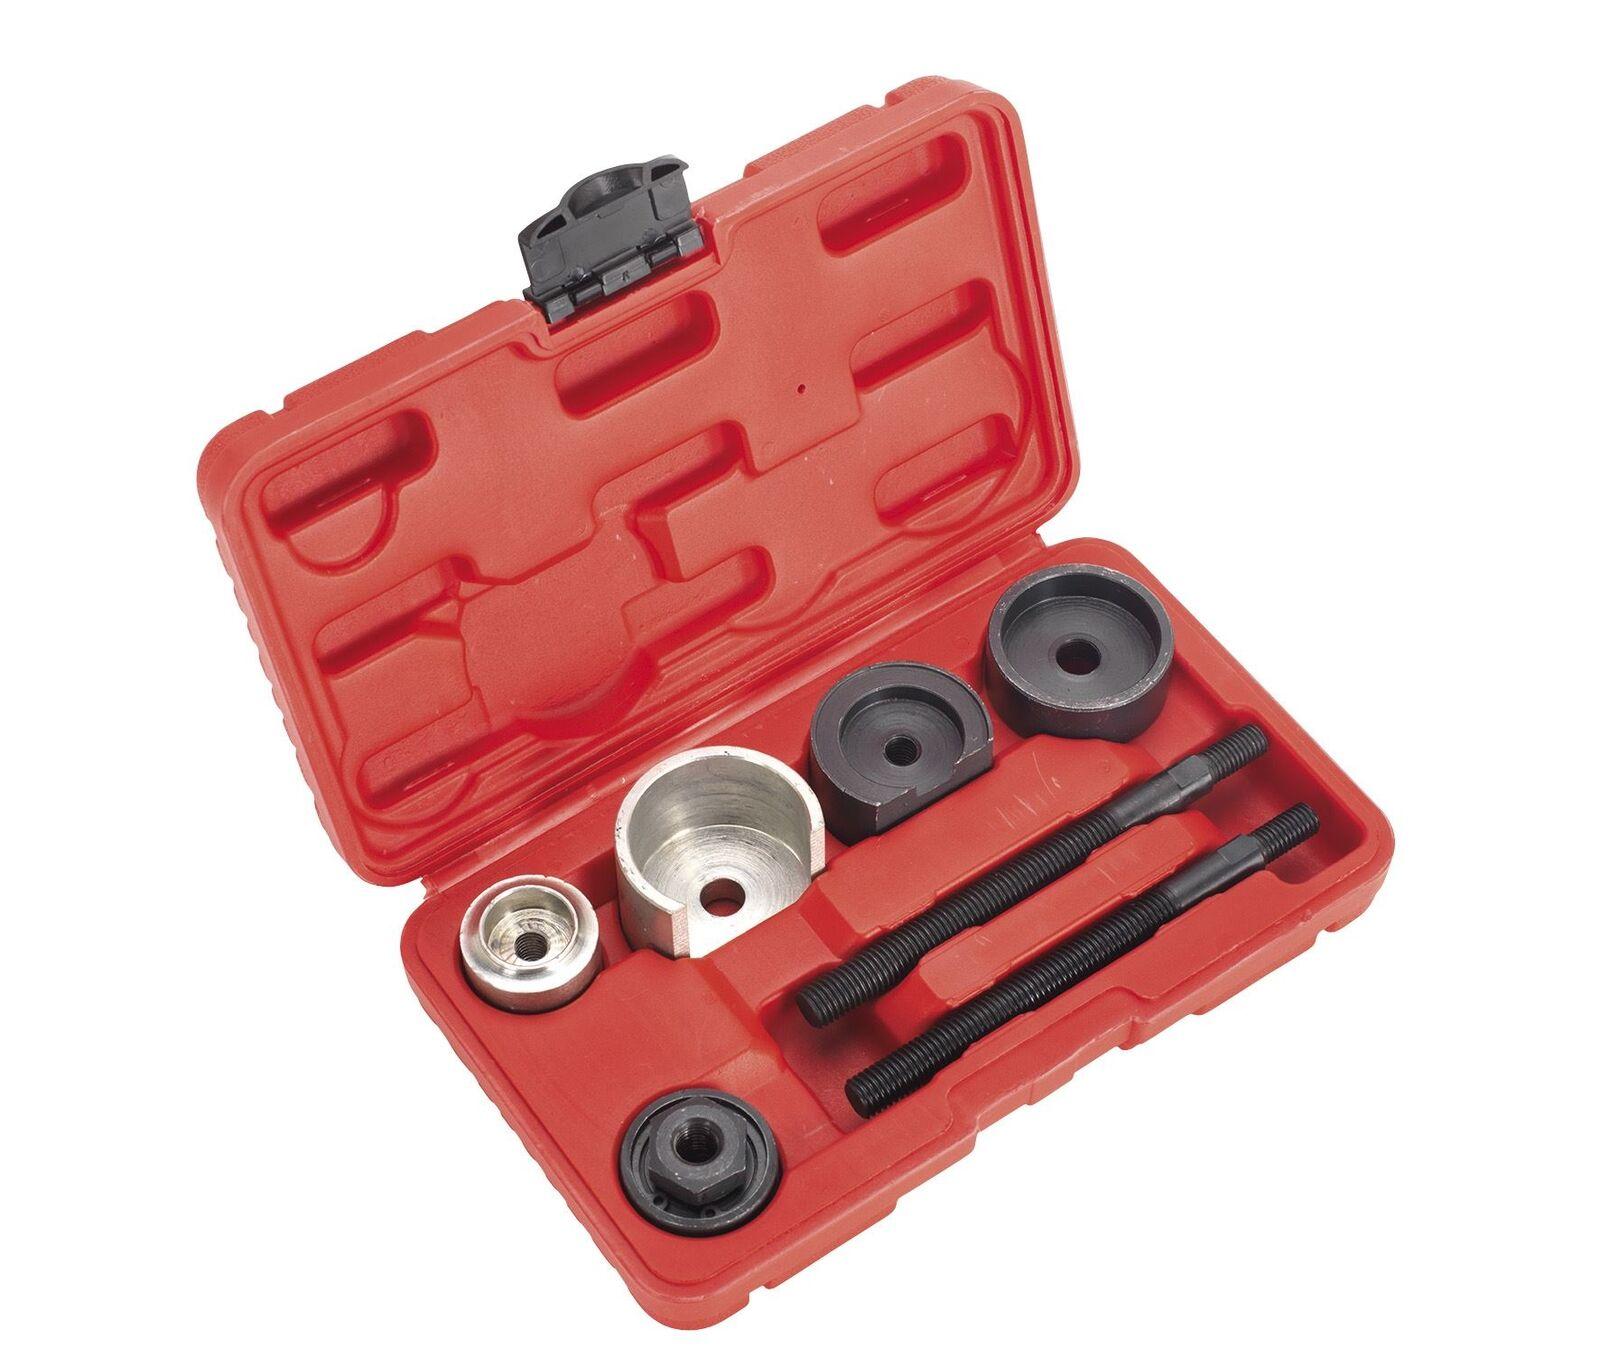 Sealey VSE4785 Front Pivot Arm Buchse Werkzeug - Peugeot 407 508, Citroen C5 C6